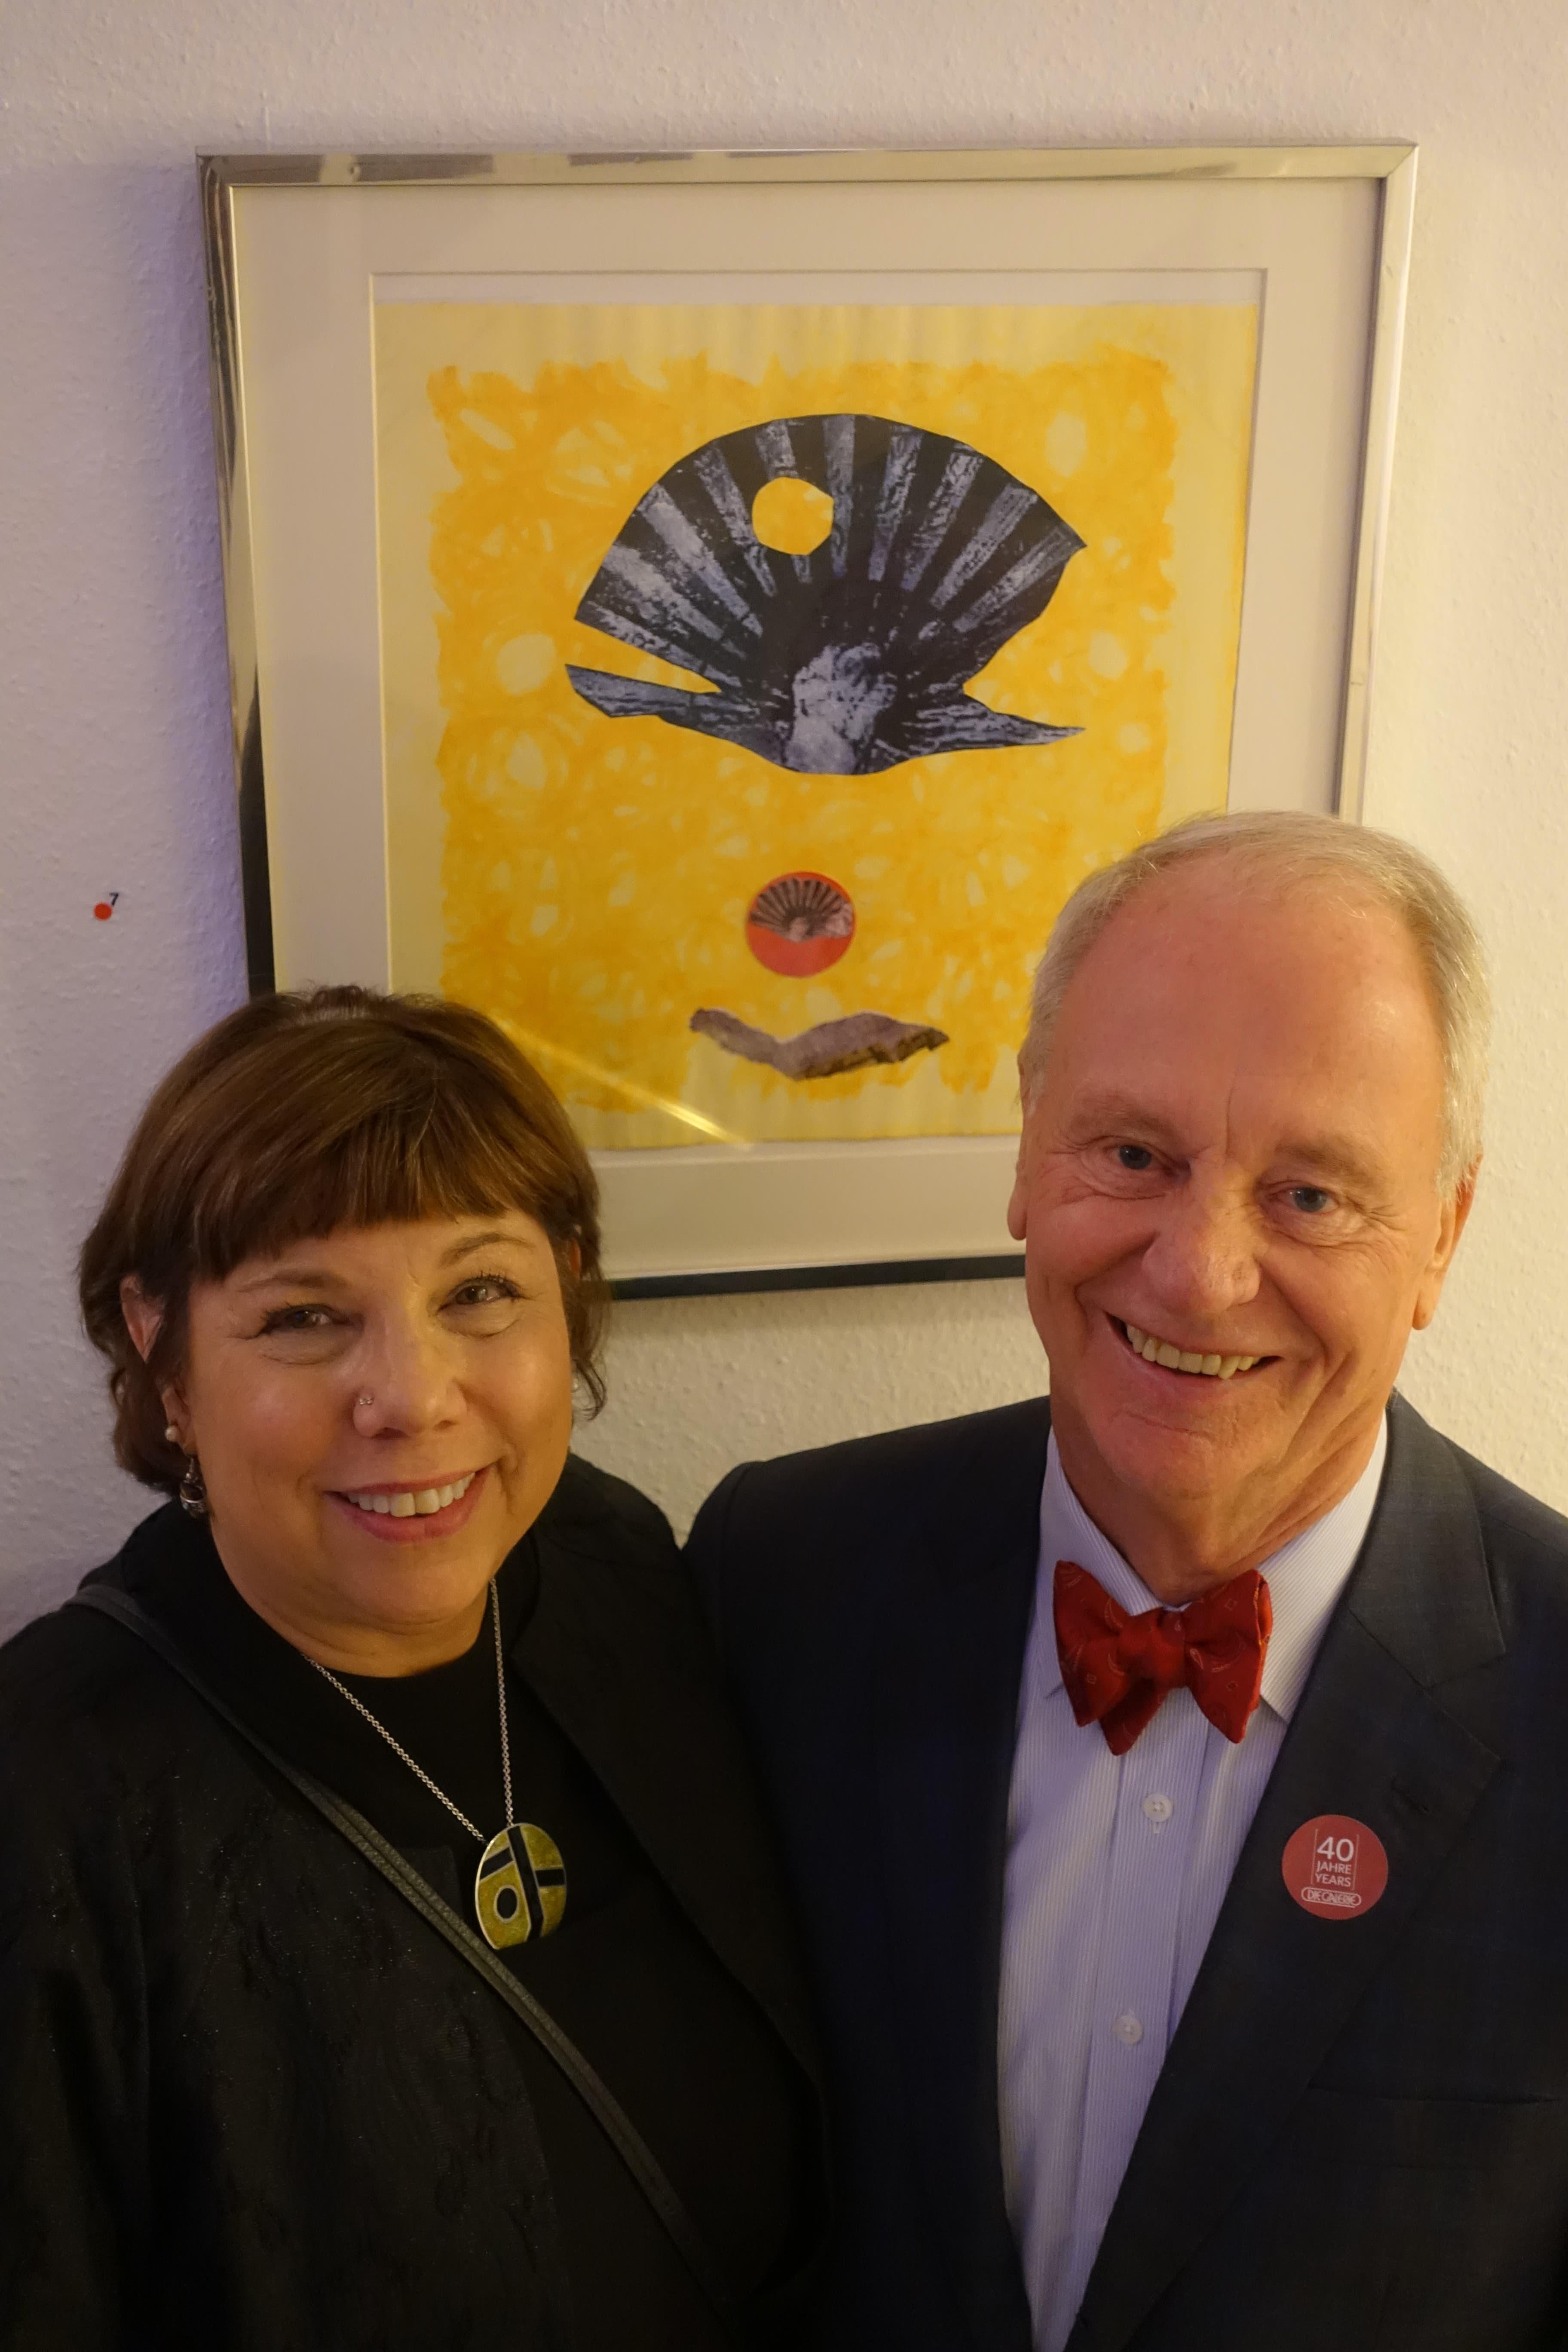 Peter Femfert mit Amy Ernst, Enkelin von Max Ernst, die anlässlich der Jubiläumsausstellung aus Florida angereist war